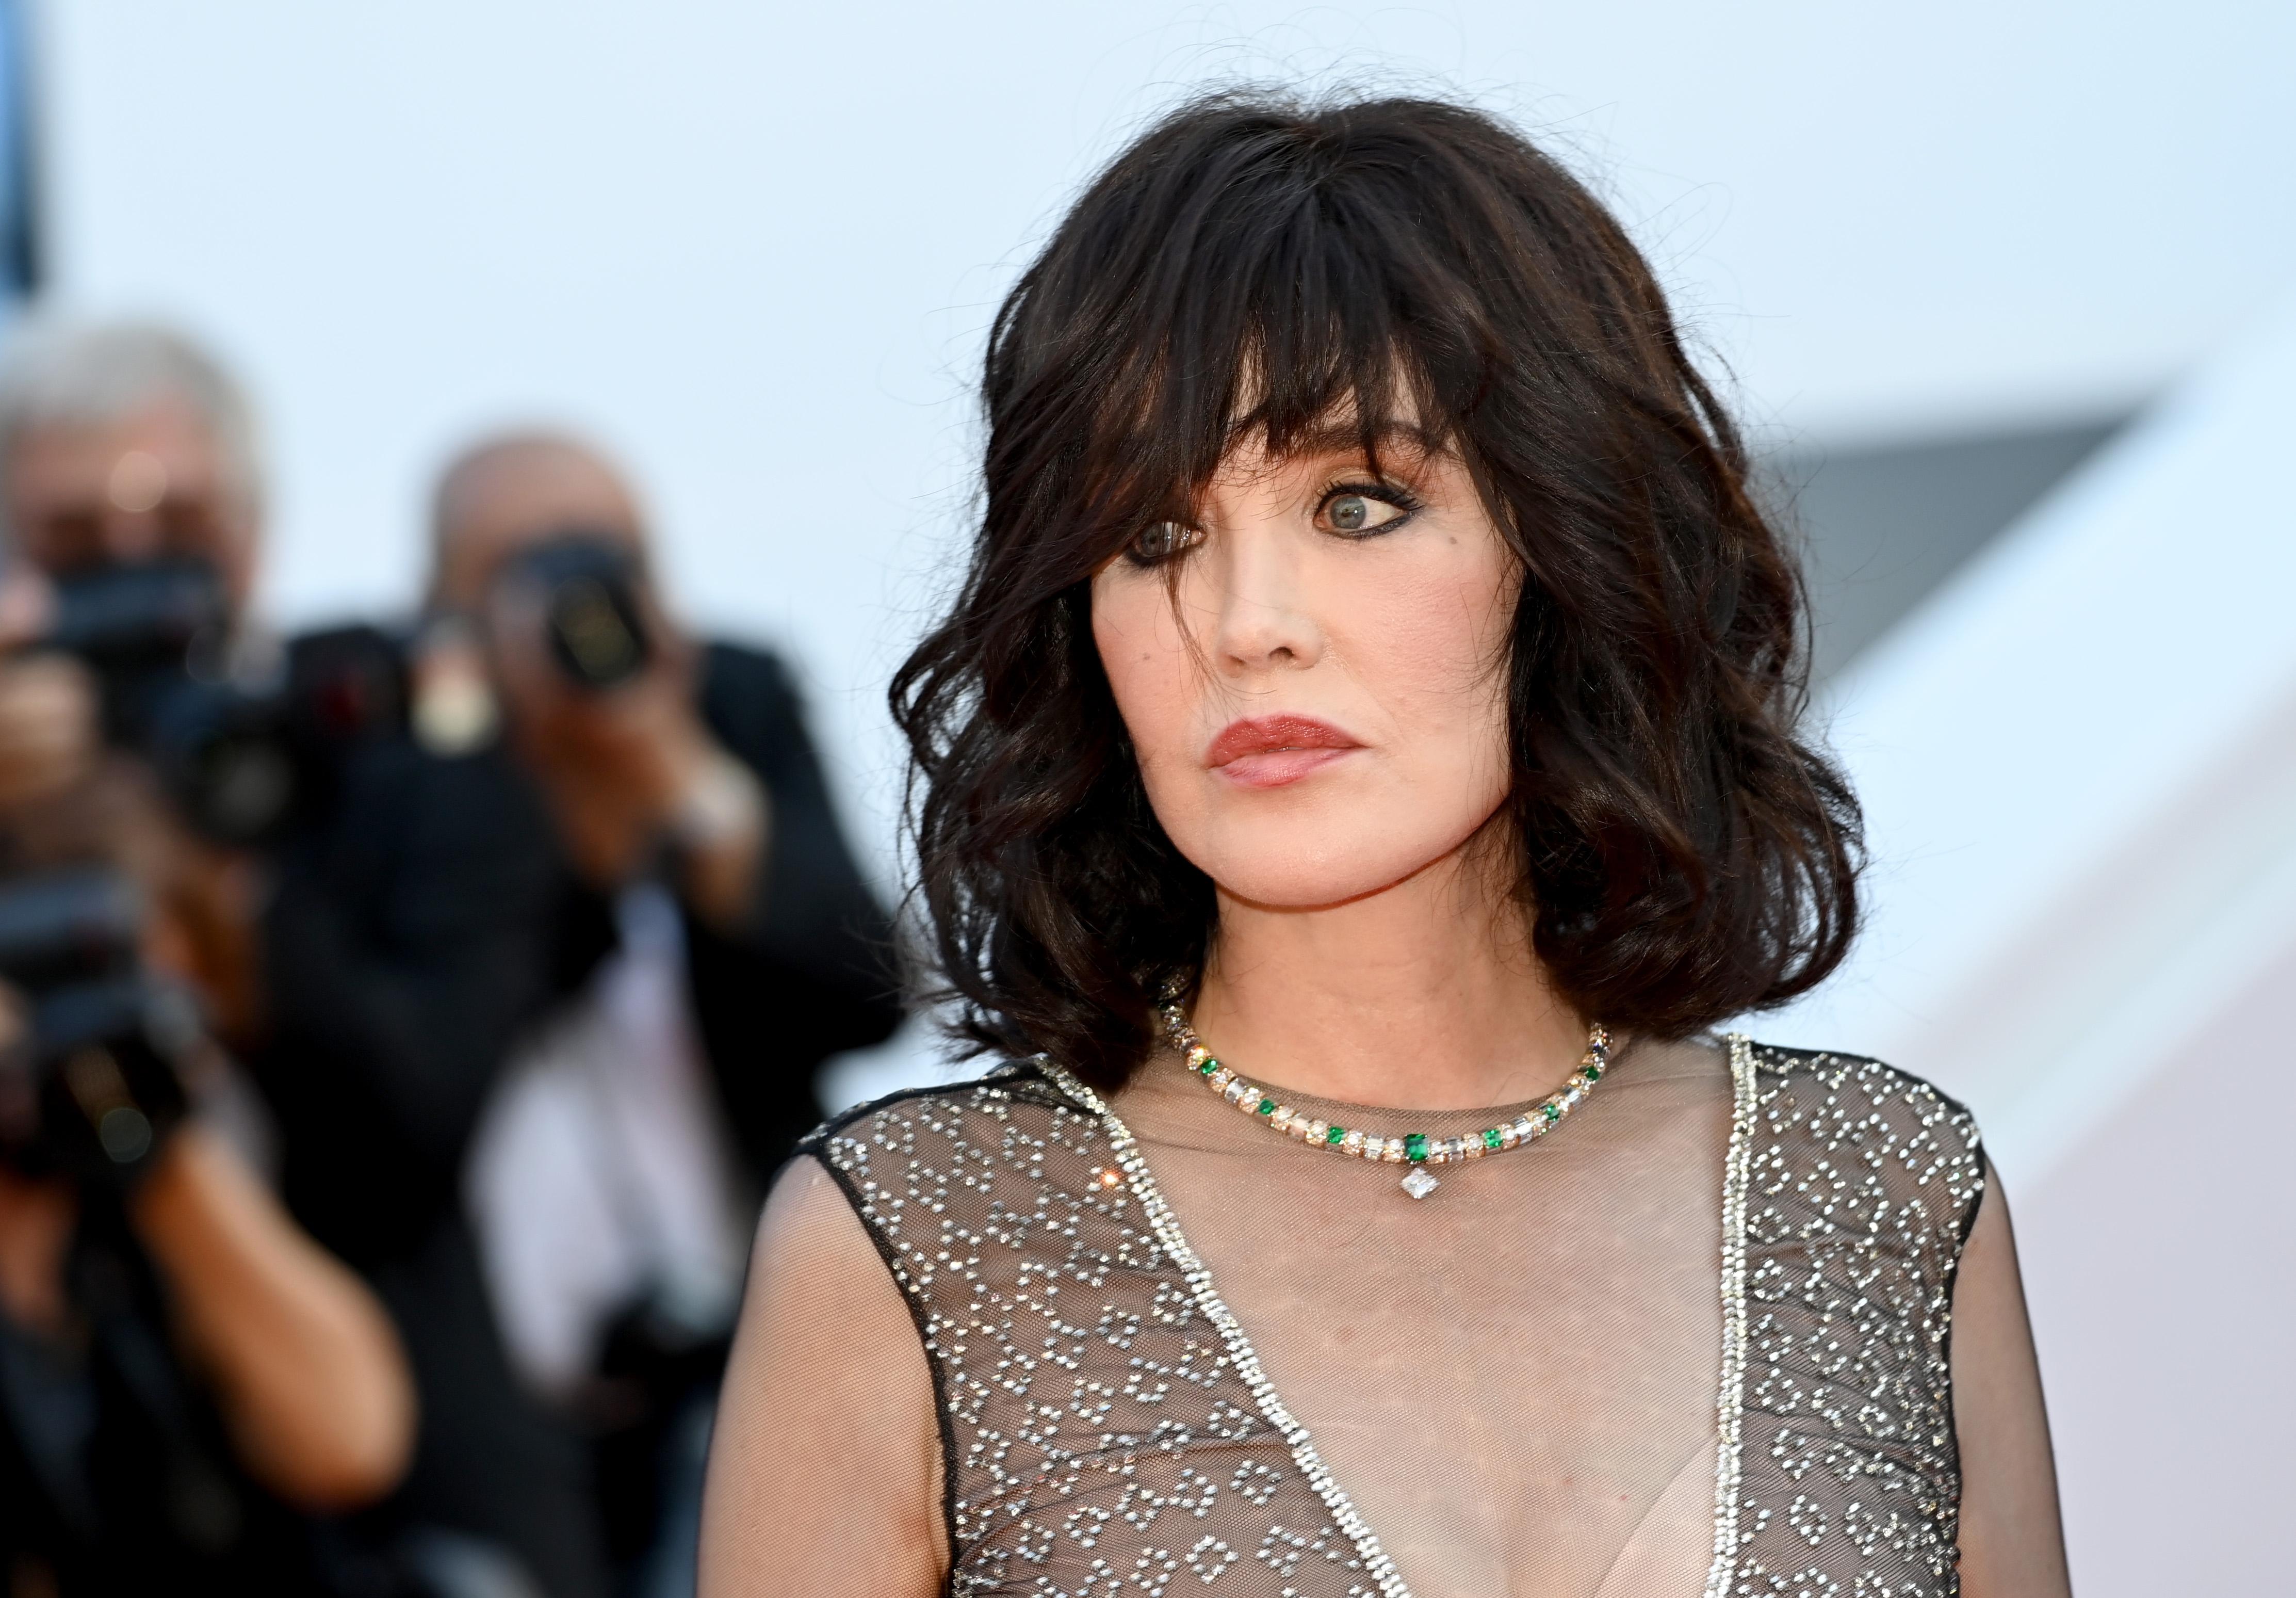 النجمة إيزابيل أدجاني بمجوهرات من دار لويس فيتون Louis Vuitton في مهرجان كان السينمائي 2021